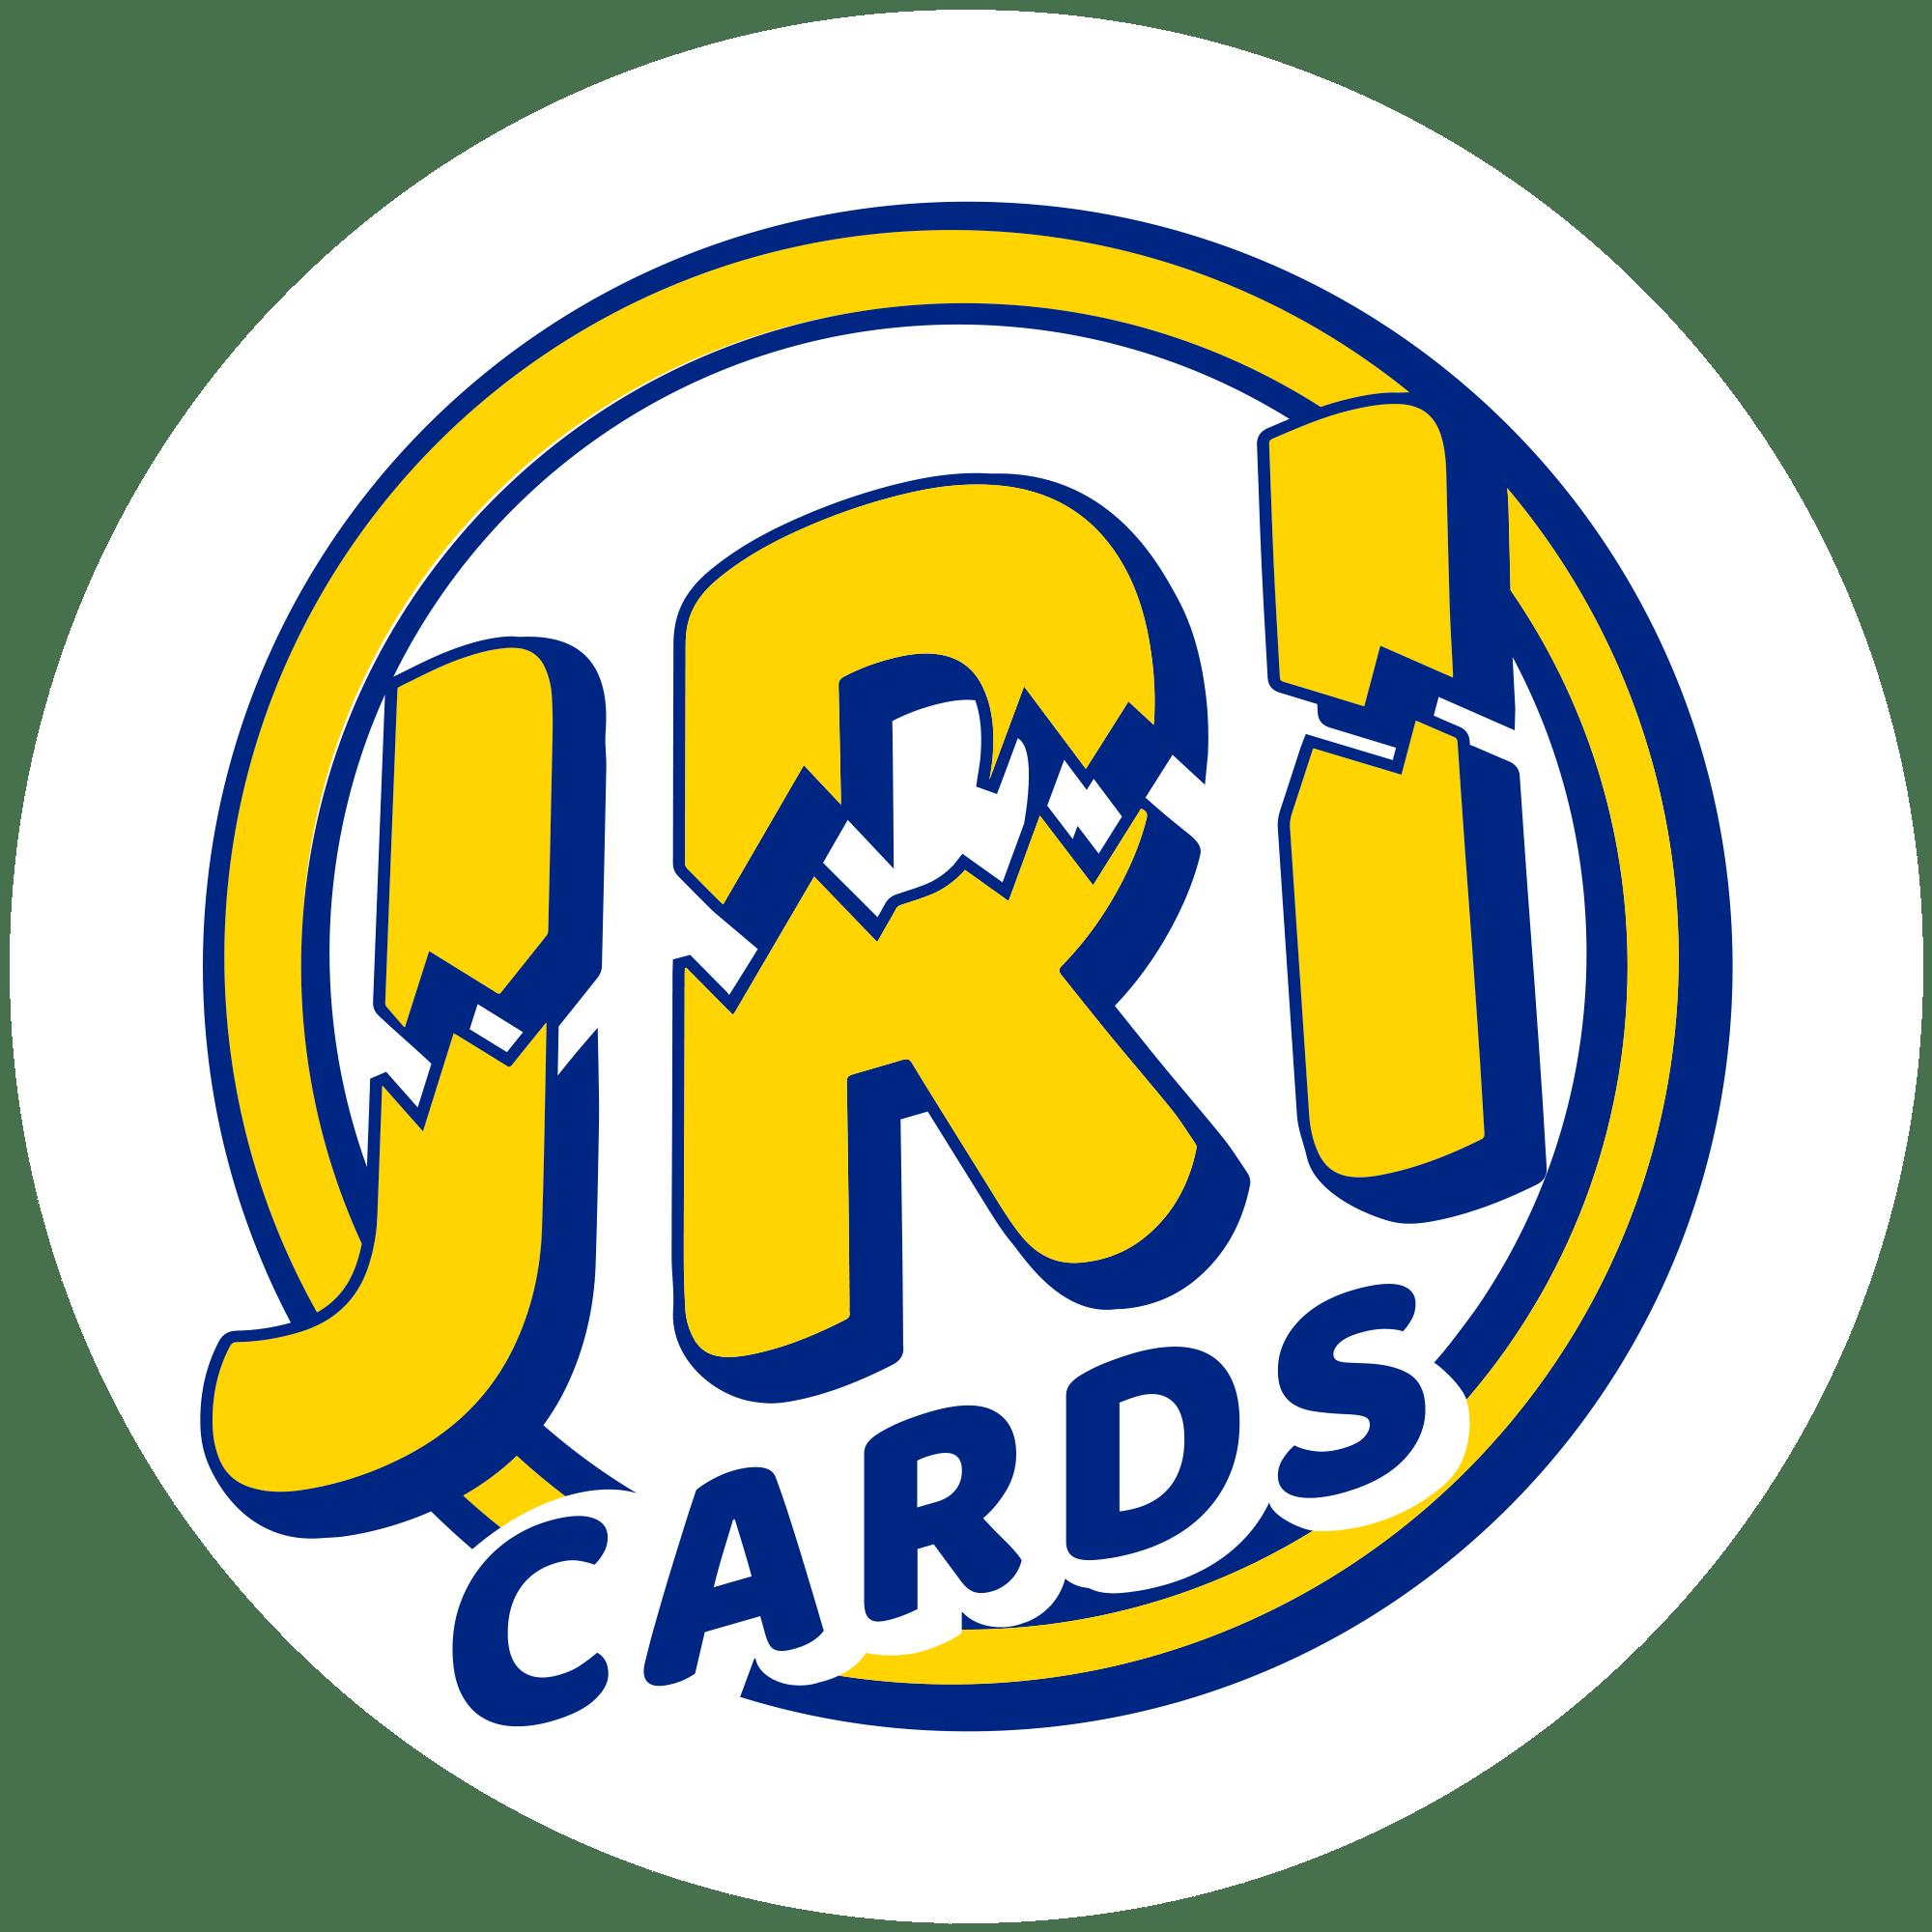 JRI EVENT|1997 TOPPS CHROME BASKETBALL BOX & 2019 PANINI PRIZM FOTL BASKETBALL BOX (100 TICKETS AVAILABLE) + BONUS JRI BLENDER (100 SPOTS)